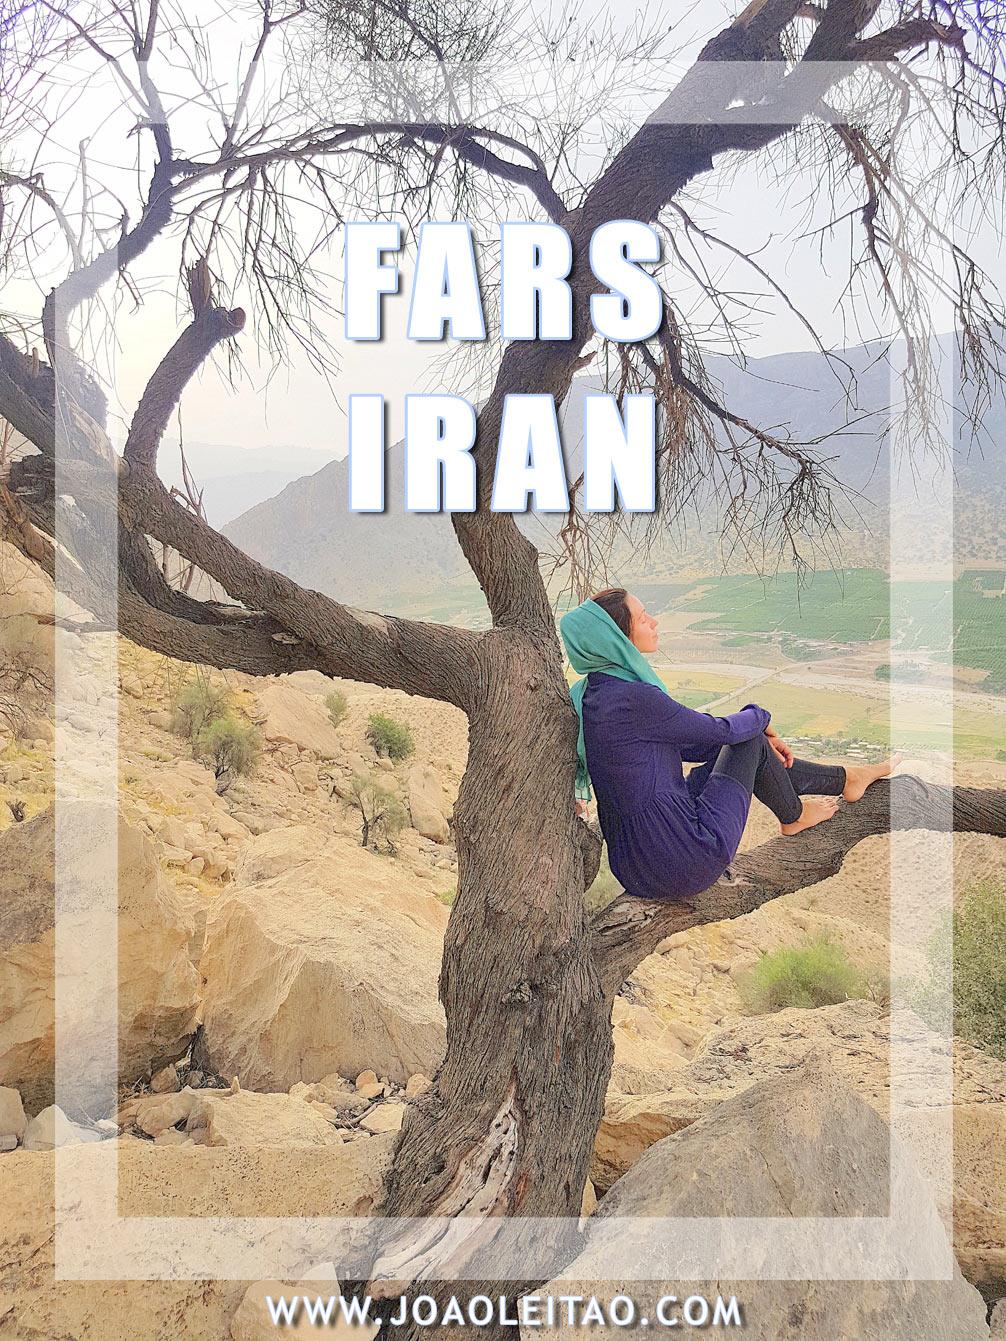 Käy Iranin Farsin maakunnassa